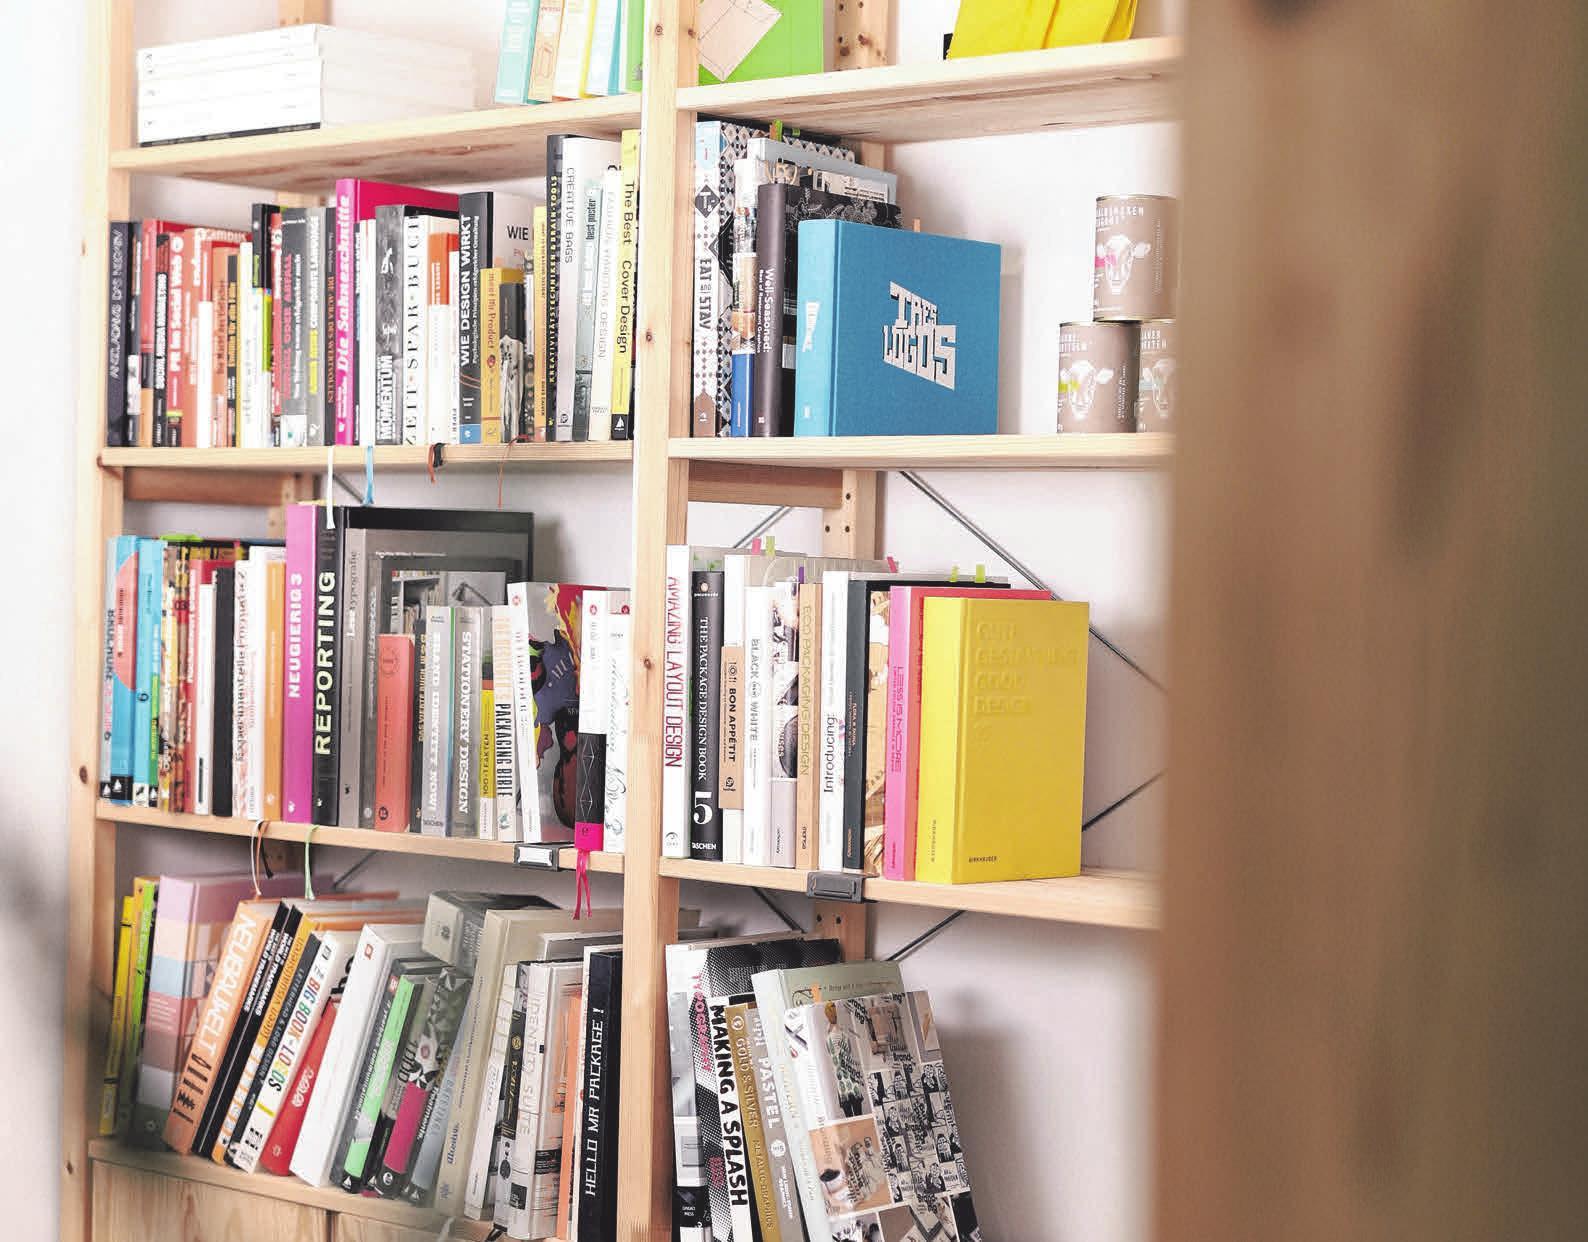 Auch eine Bibliothek mit Fachliteratur aus aller Welt ist im Gebäude integriert. FOTO: ZARTBITTER